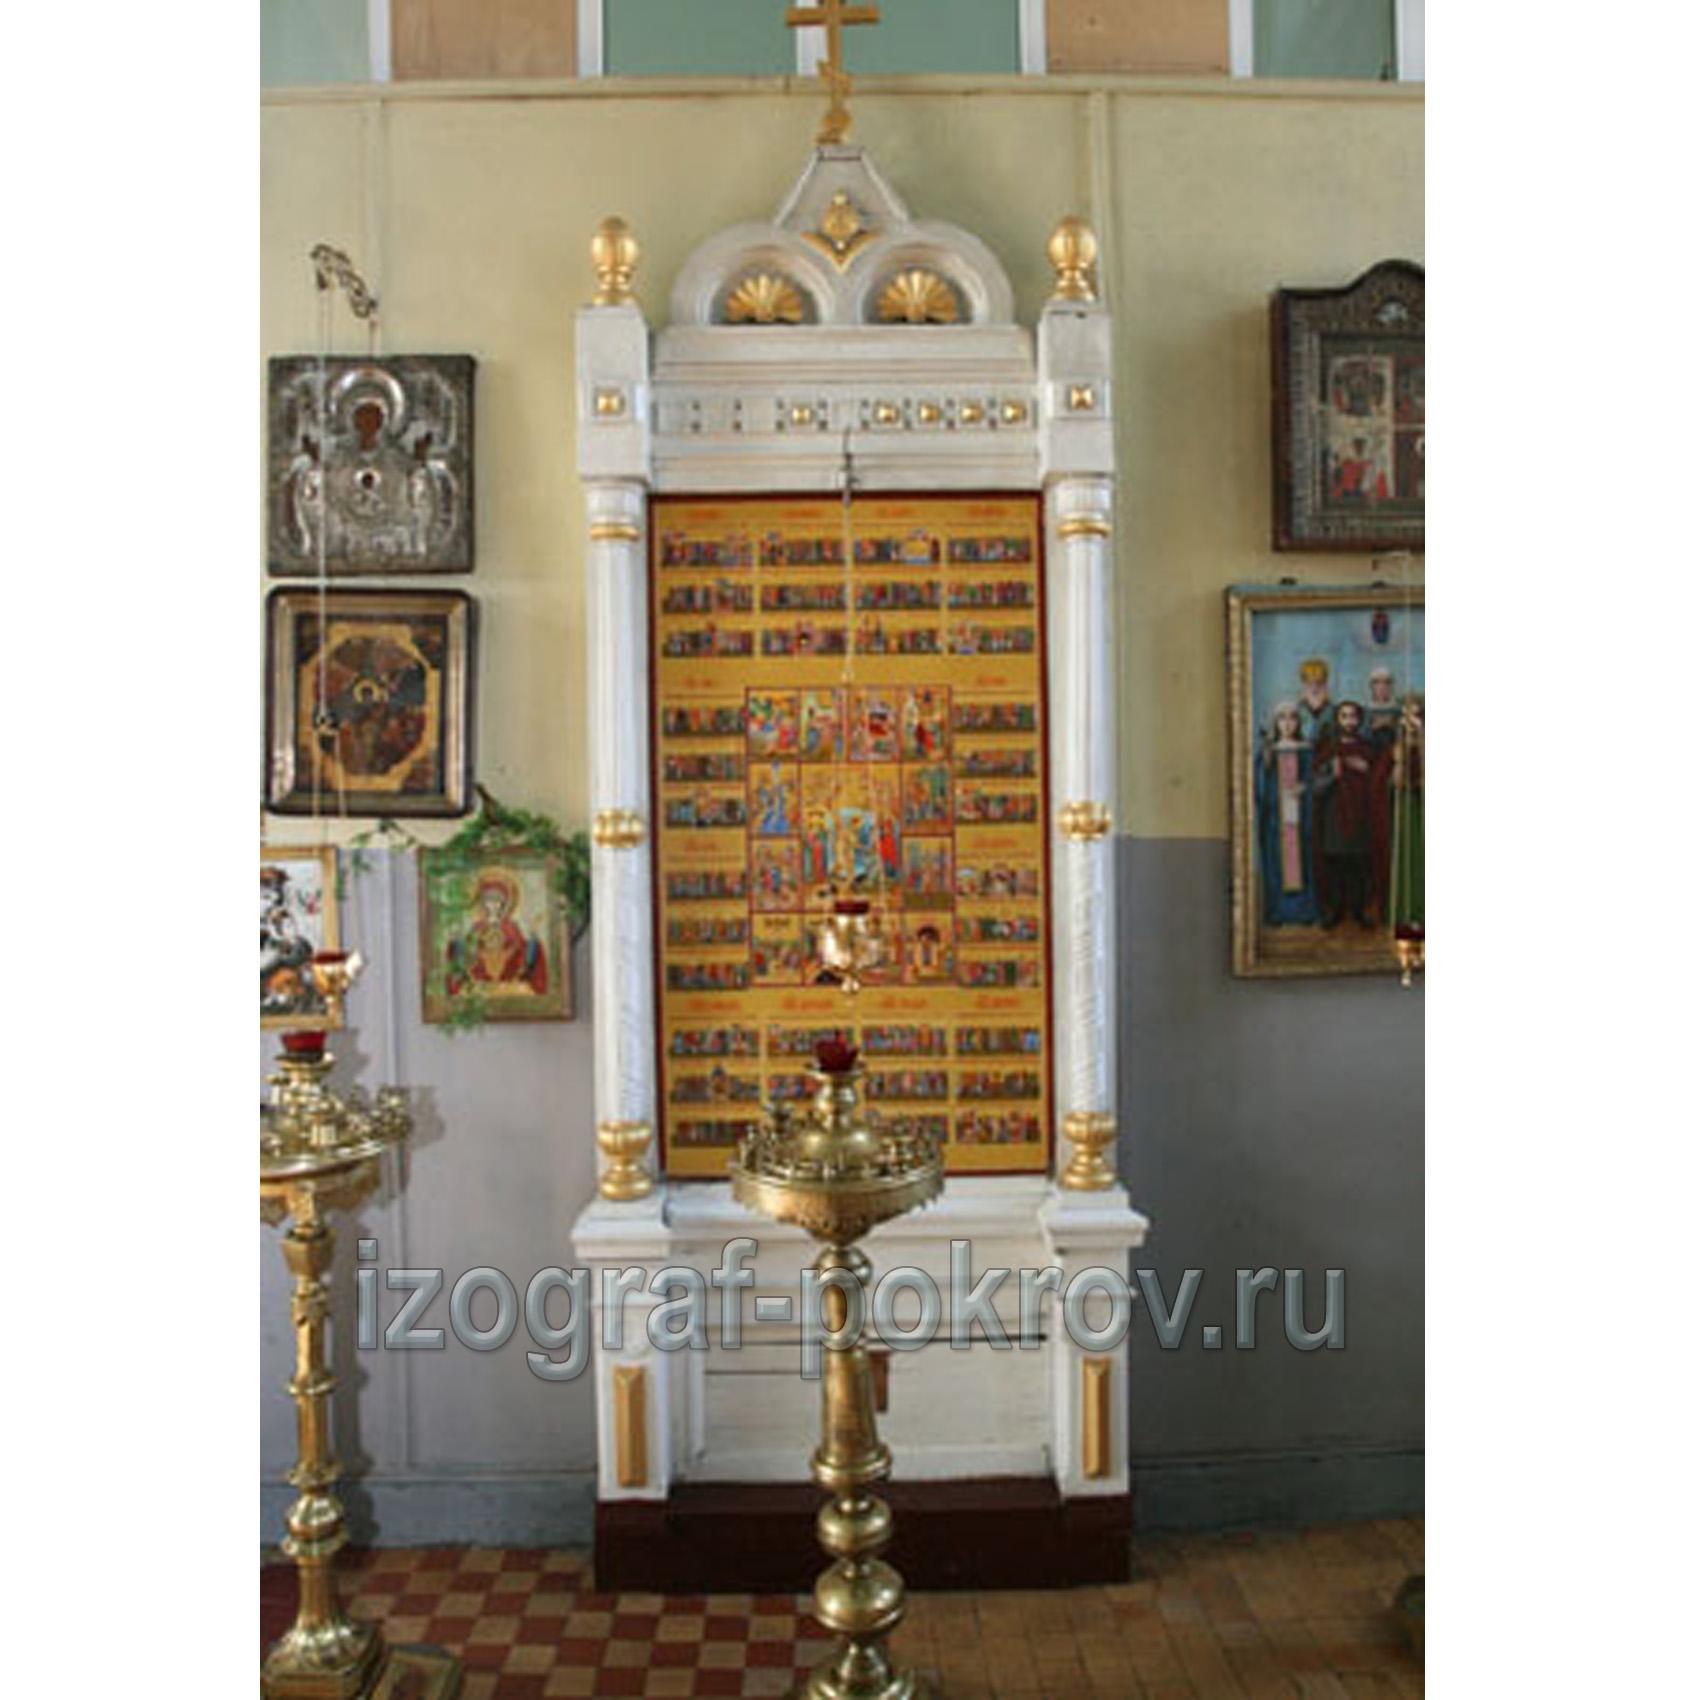 Икона всех Святых в Свято-Никольской церкви